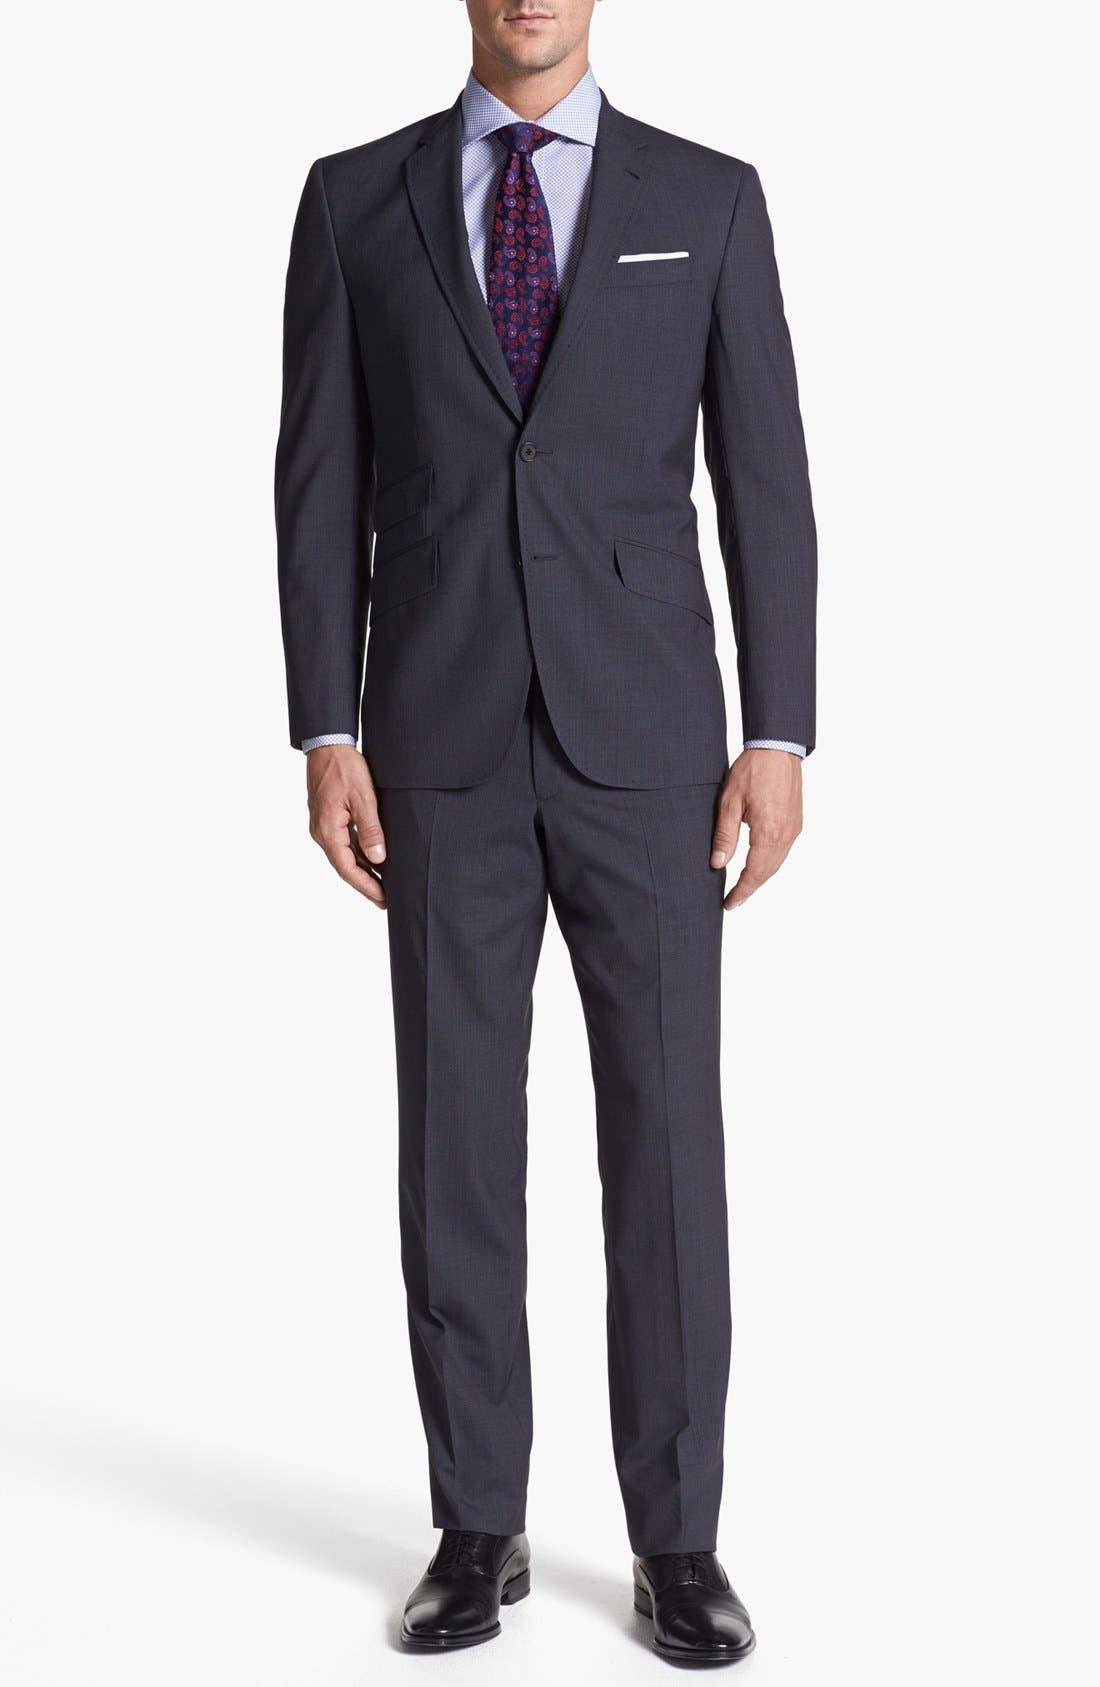 Alternate Image 1 Selected - Ted Baker London 'Jim' Pinstripe Wool Suit